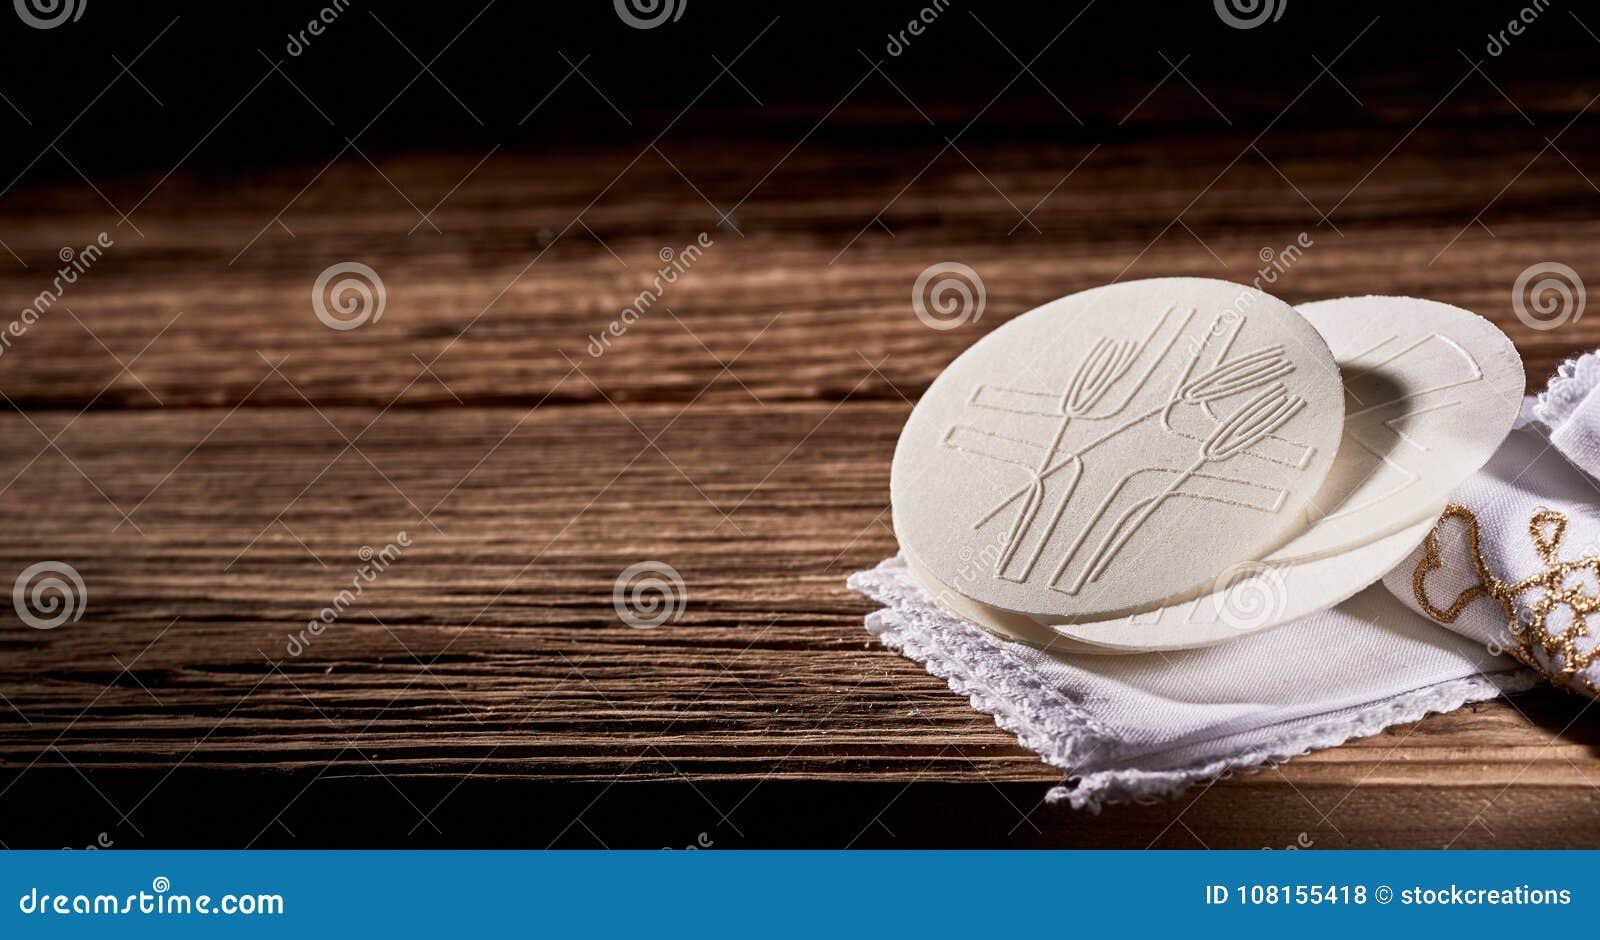 Bandeira rústica com Hosties ou pão sacramental